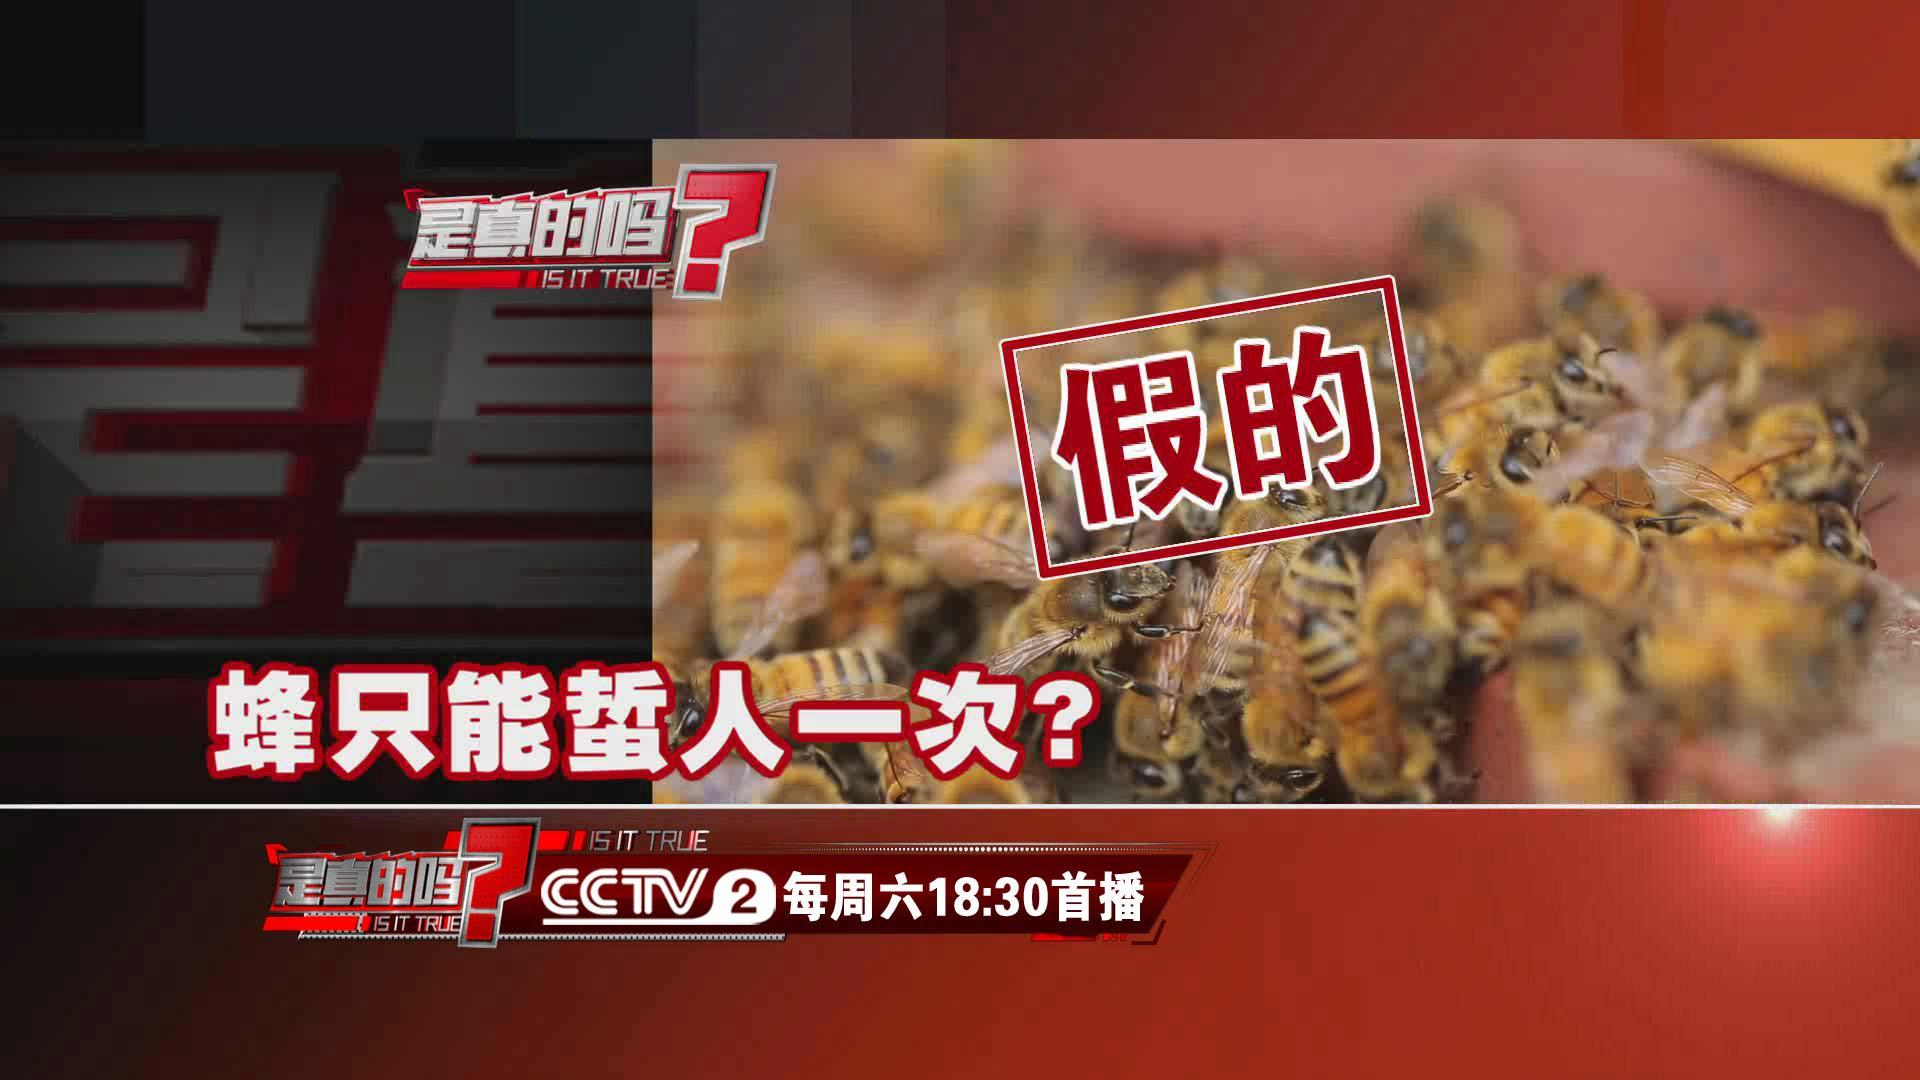 蜂只能蜇人一次?专家:因蜂而异,多数蜂并非如此